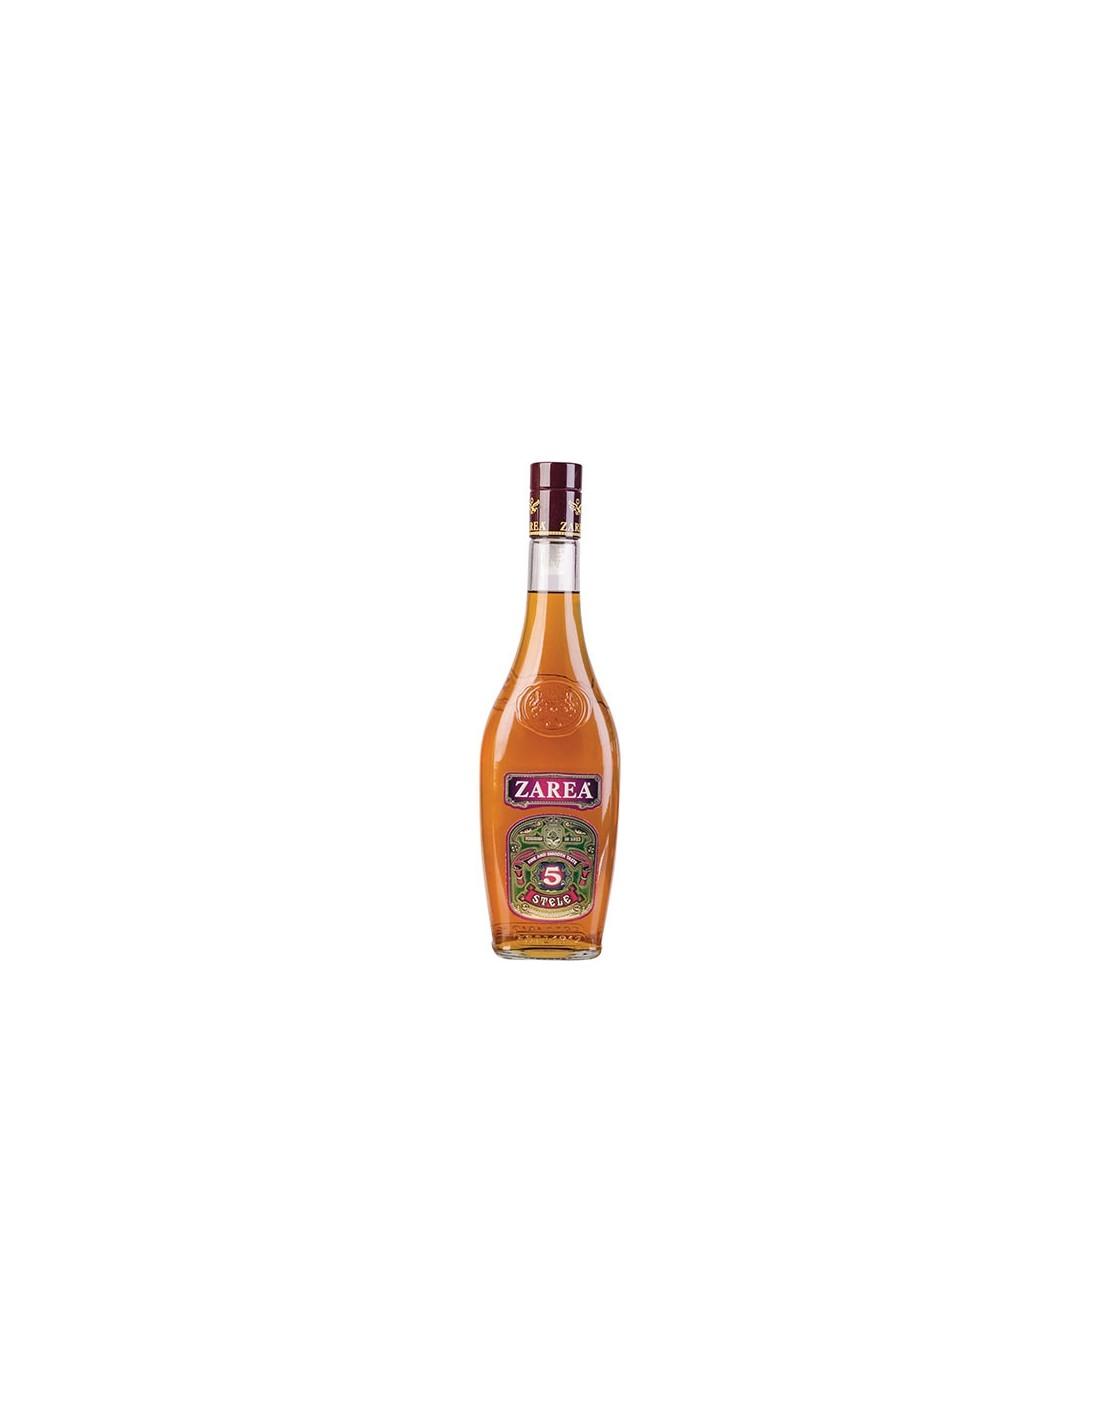 Coniac Brandy Zarea 5*, 37.5% alc., 0.5L, Romania